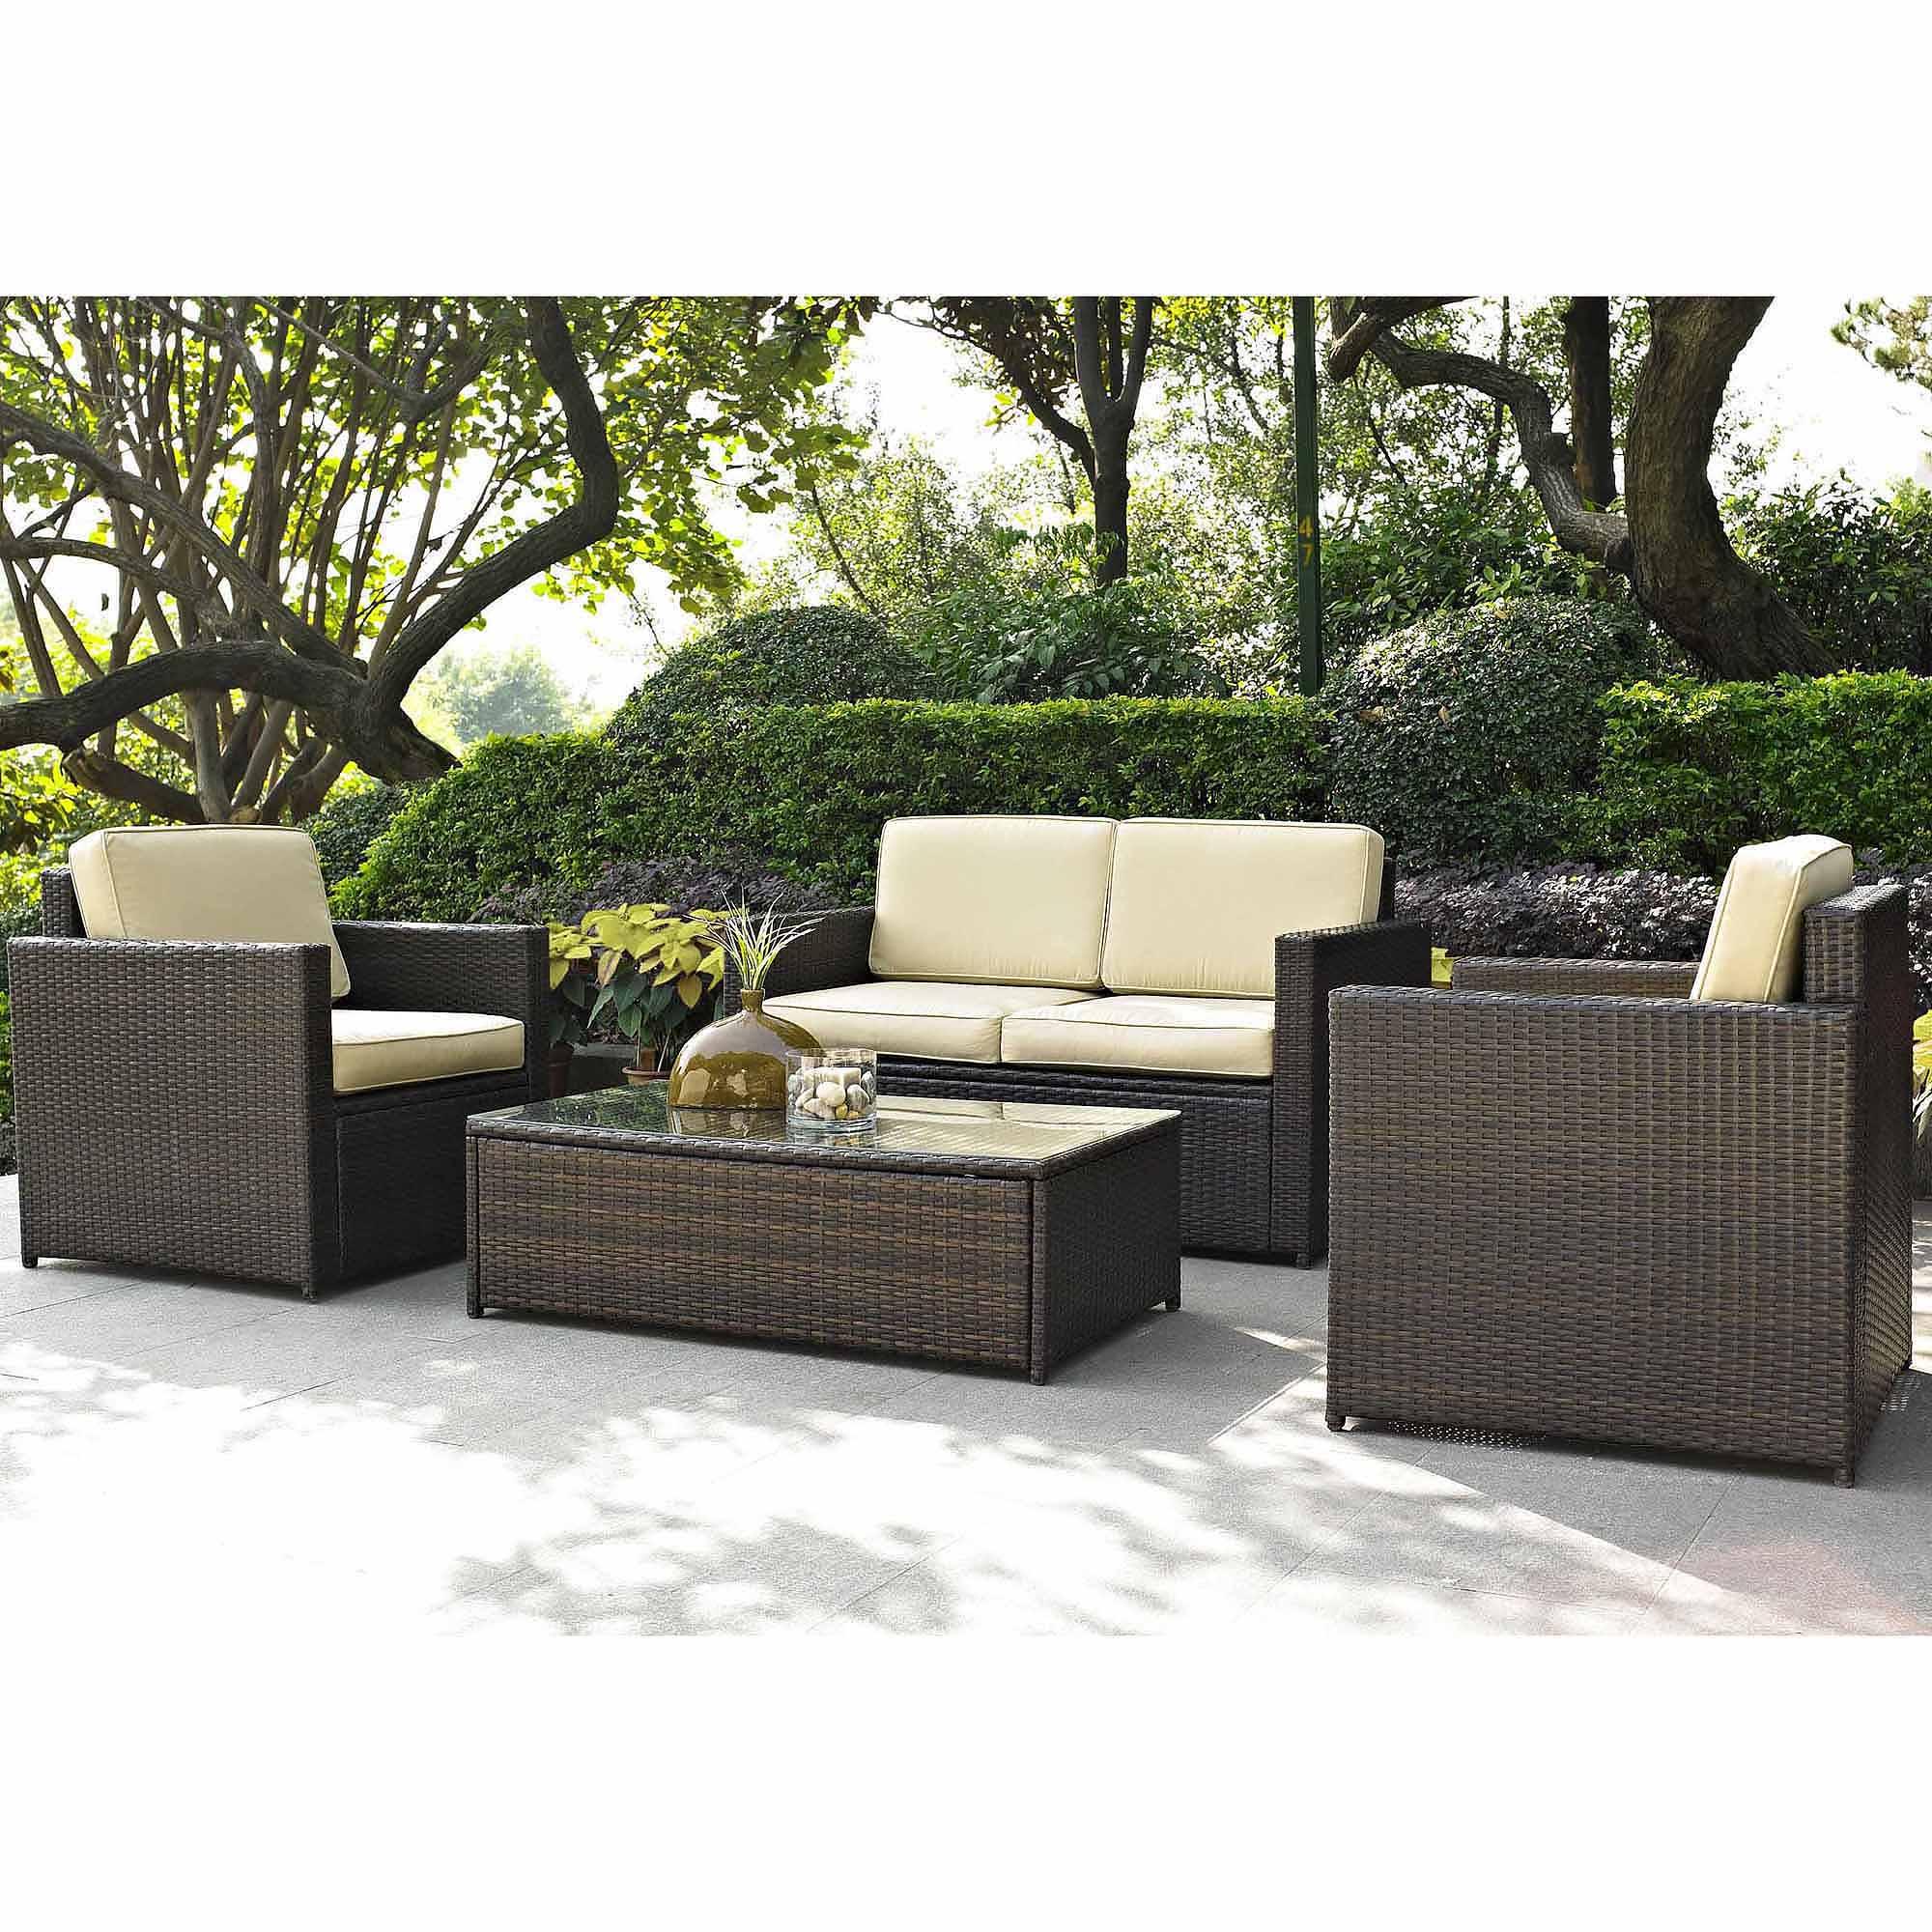 rattan outdoor furniture 5d6f1178c3c8 1 exterior patio furniturec2a0 furniture commercial cushions BDOMMKA